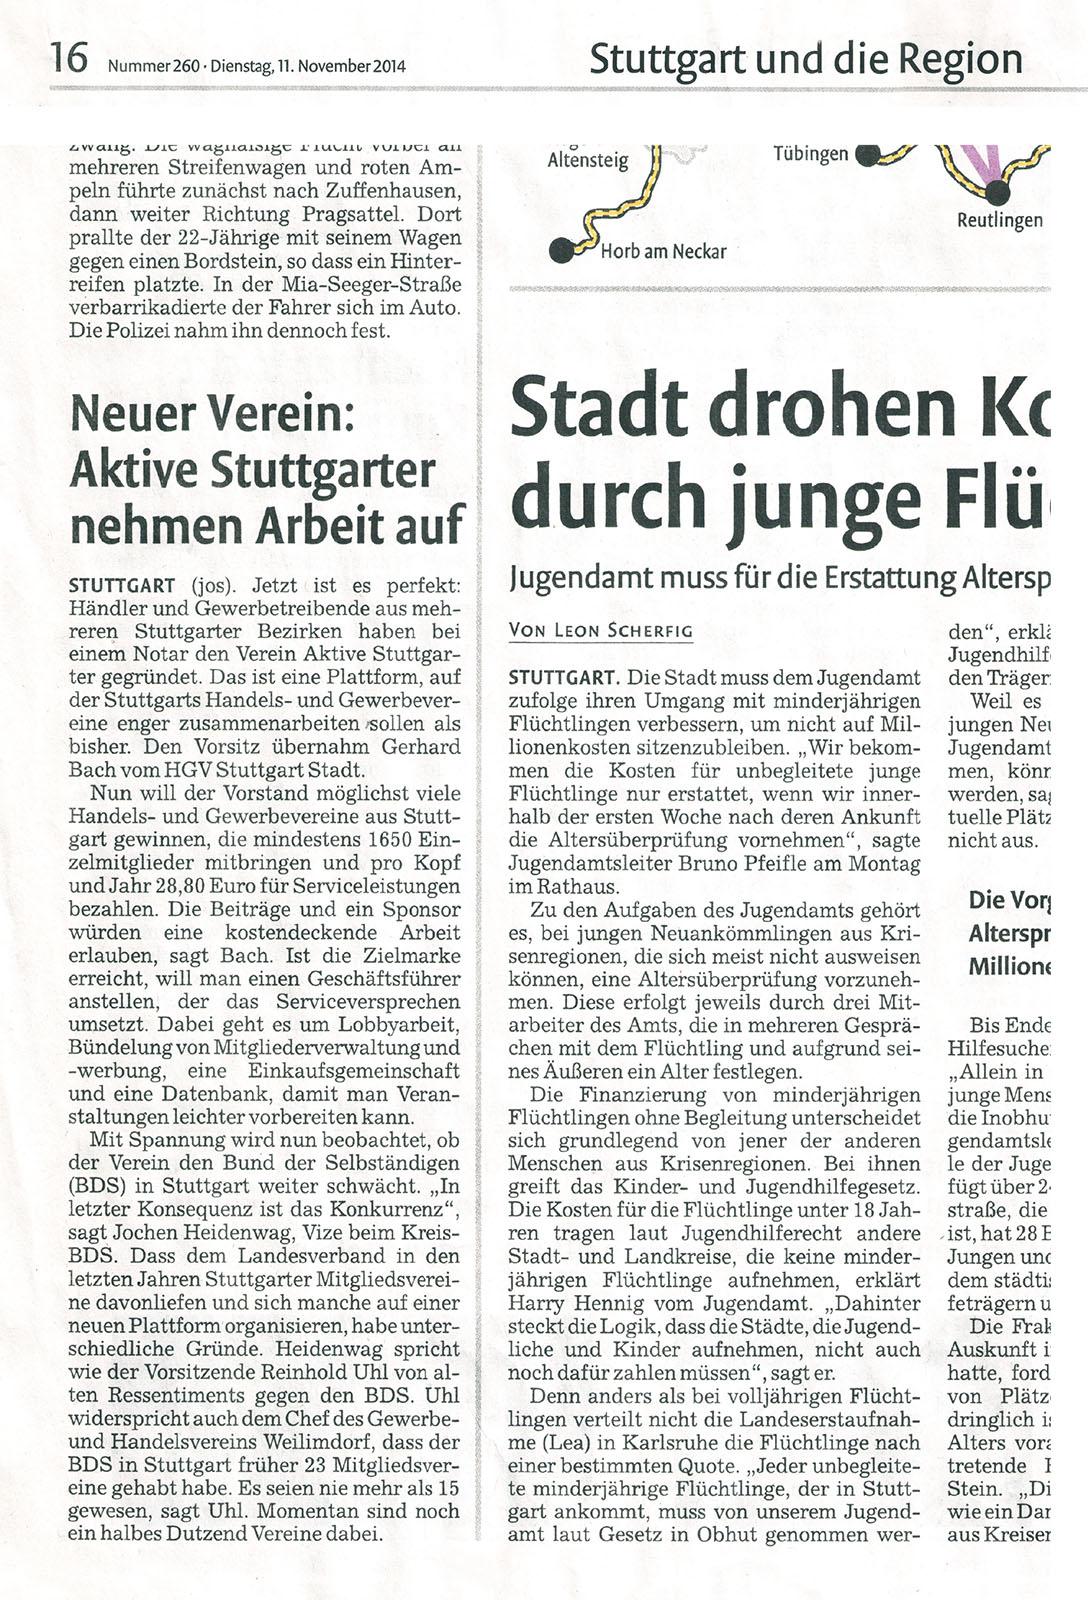 Neuer Verein : aktive Stuttgarter nehmen Arbeit auf